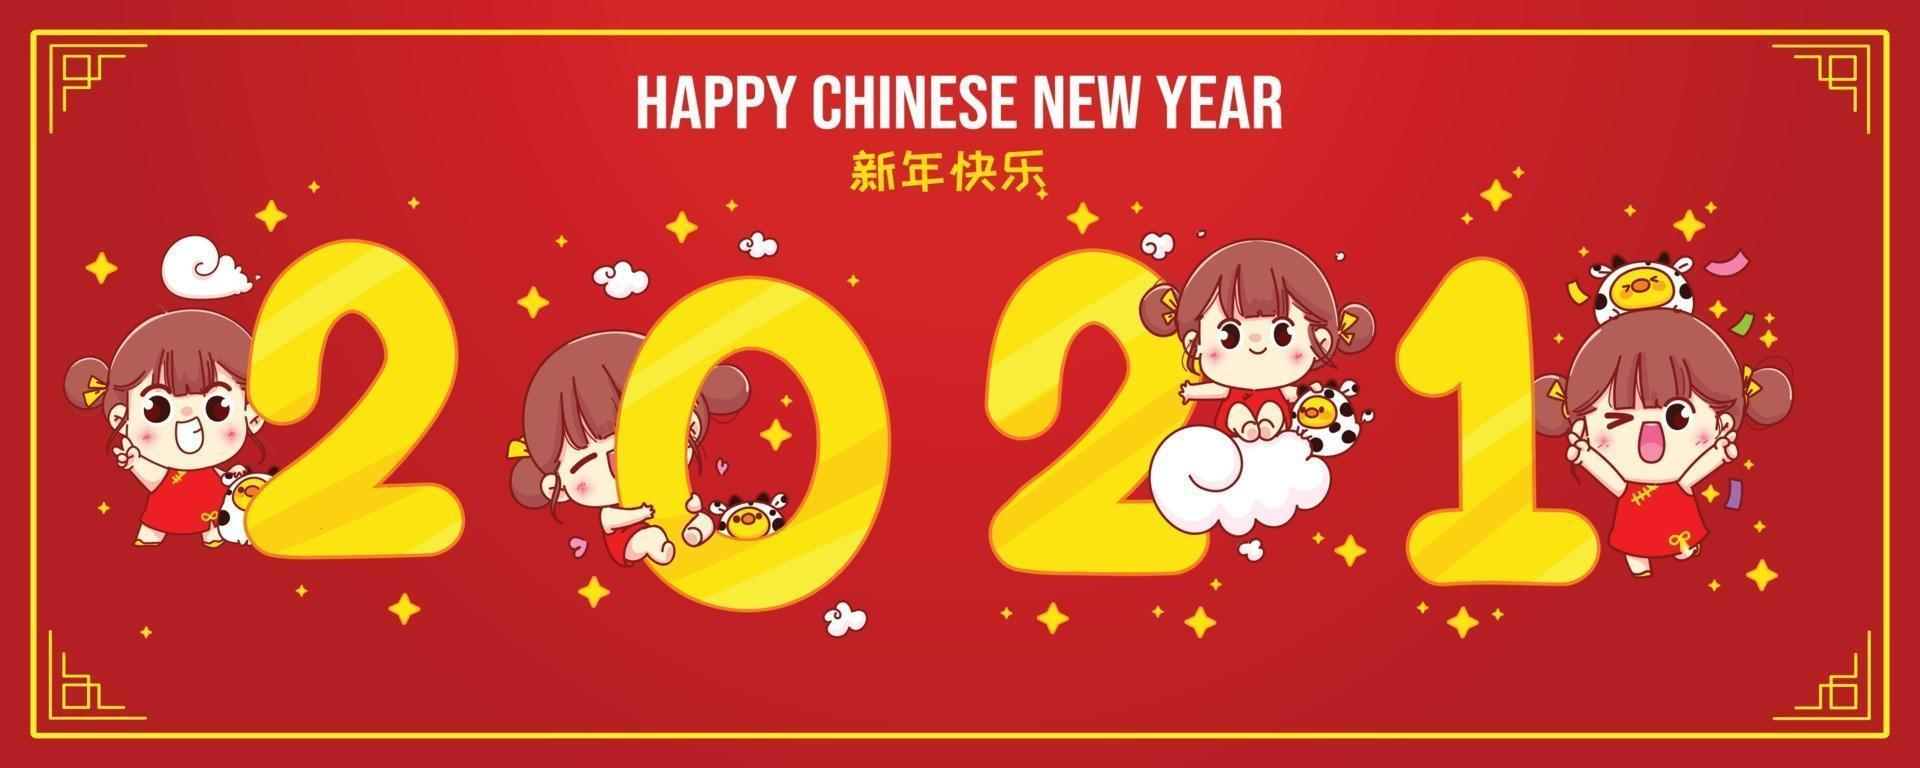 lyckligt kinesiskt nyårsbanderoll med barnens tecknad karaktärsillustration vektor